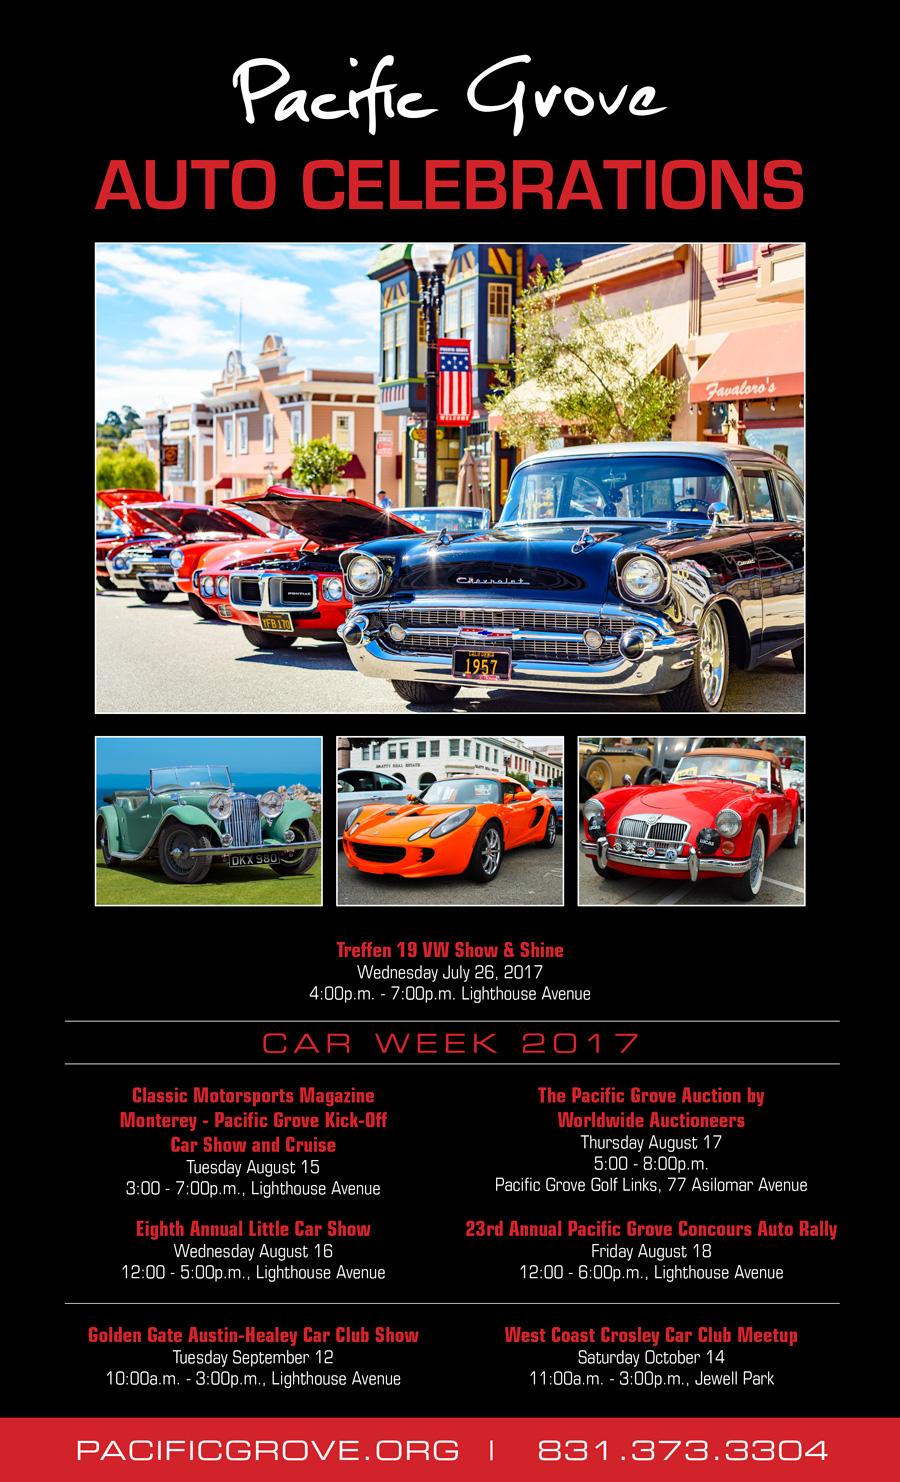 Pacific Grove Auto Celebrations